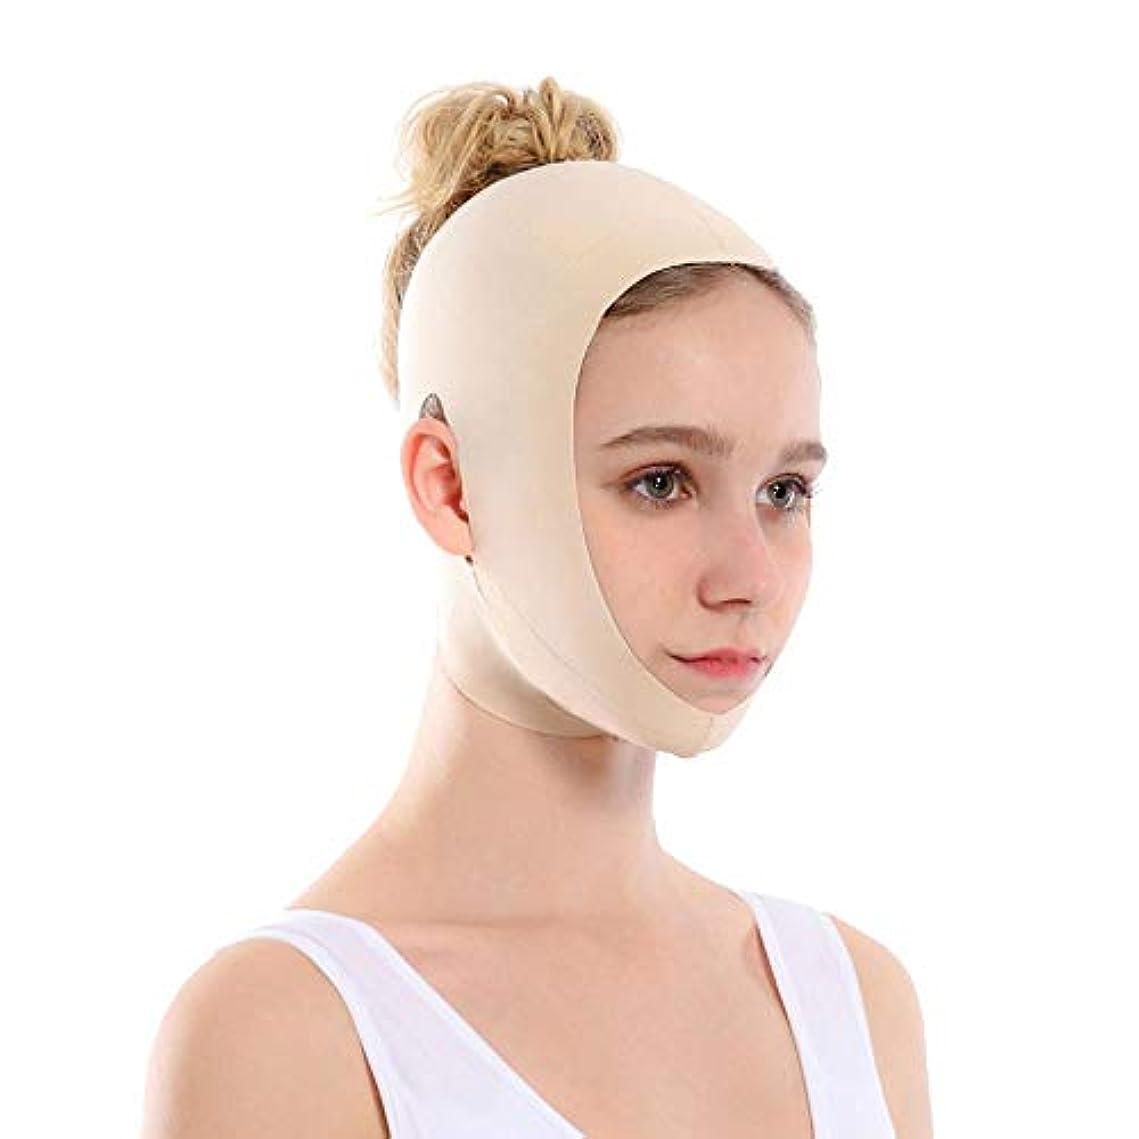 花弁消化器遠足顔を持ち上げるアーティファクトVフェイス包帯リフティング引き締め睡眠薄い顔を整形持ち上げる顔を二重あご矯正 - 肌の色